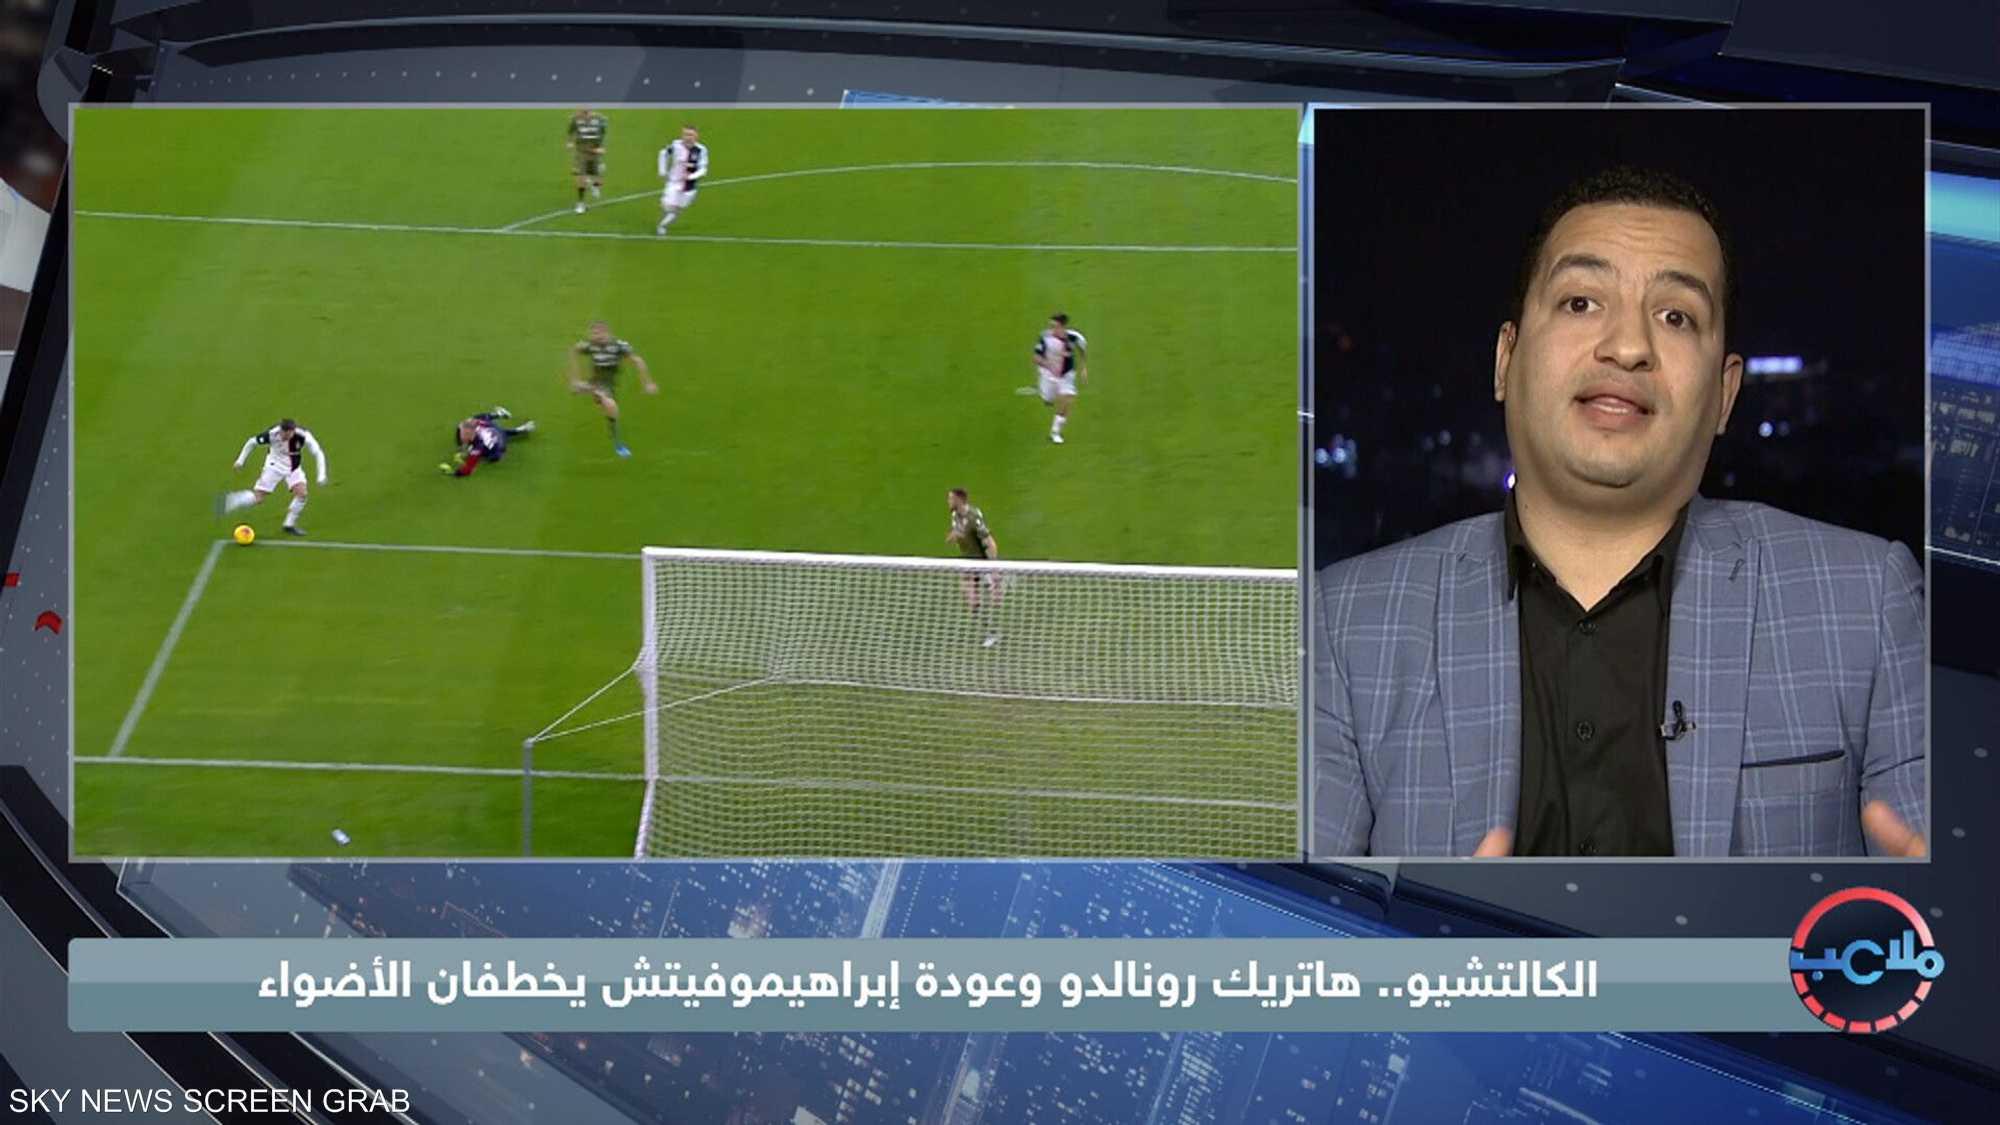 الكالتشيو.. هاتريك رونالدو وعودة إبراهيموفيتش يسرقان الأضواء